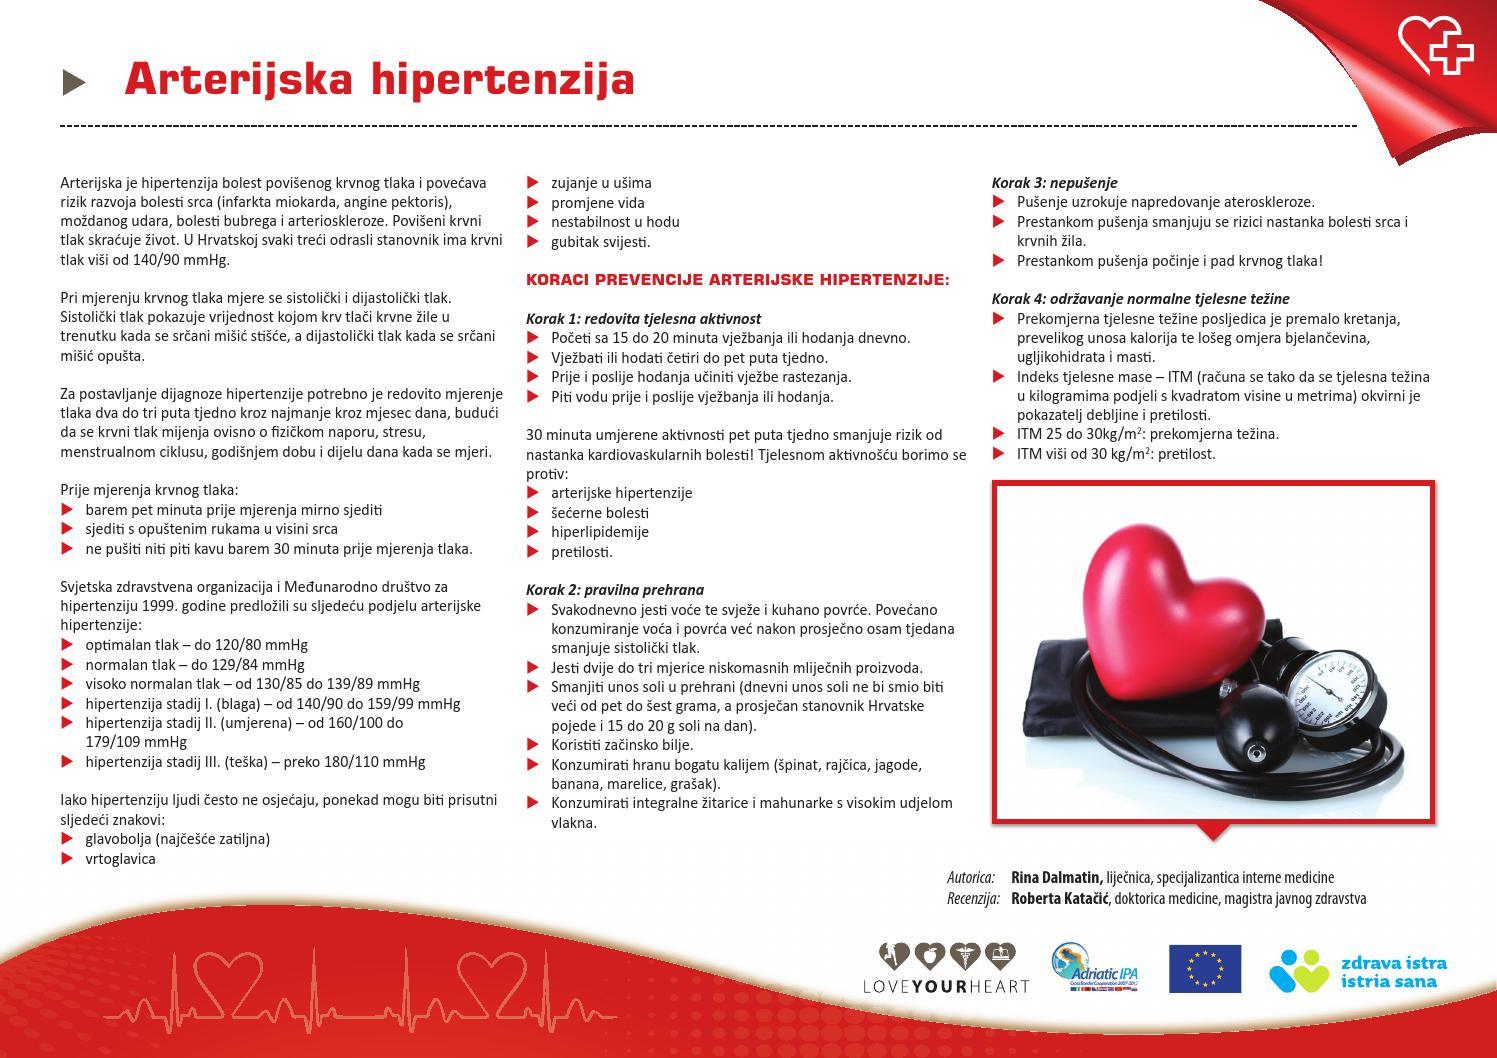 stupanj 3 hipertenzija ako se daju u invalidsku